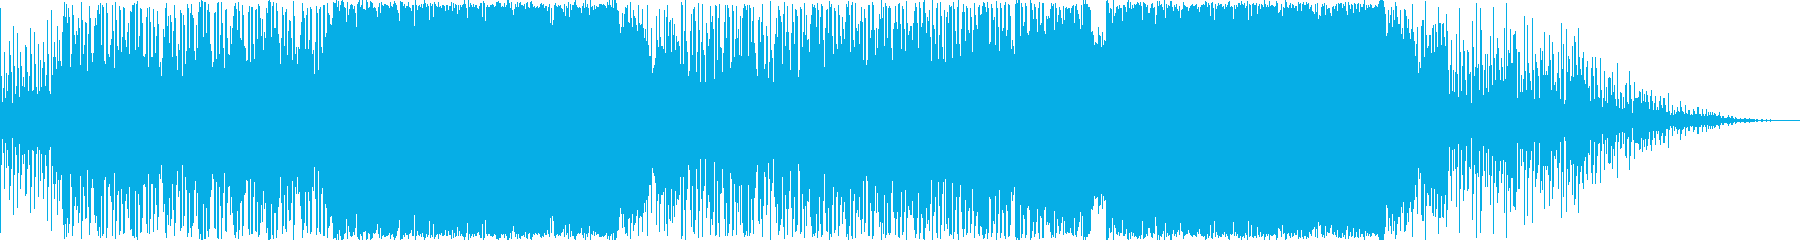 暗く禍々しい戦闘用BGMの再生済みの波形